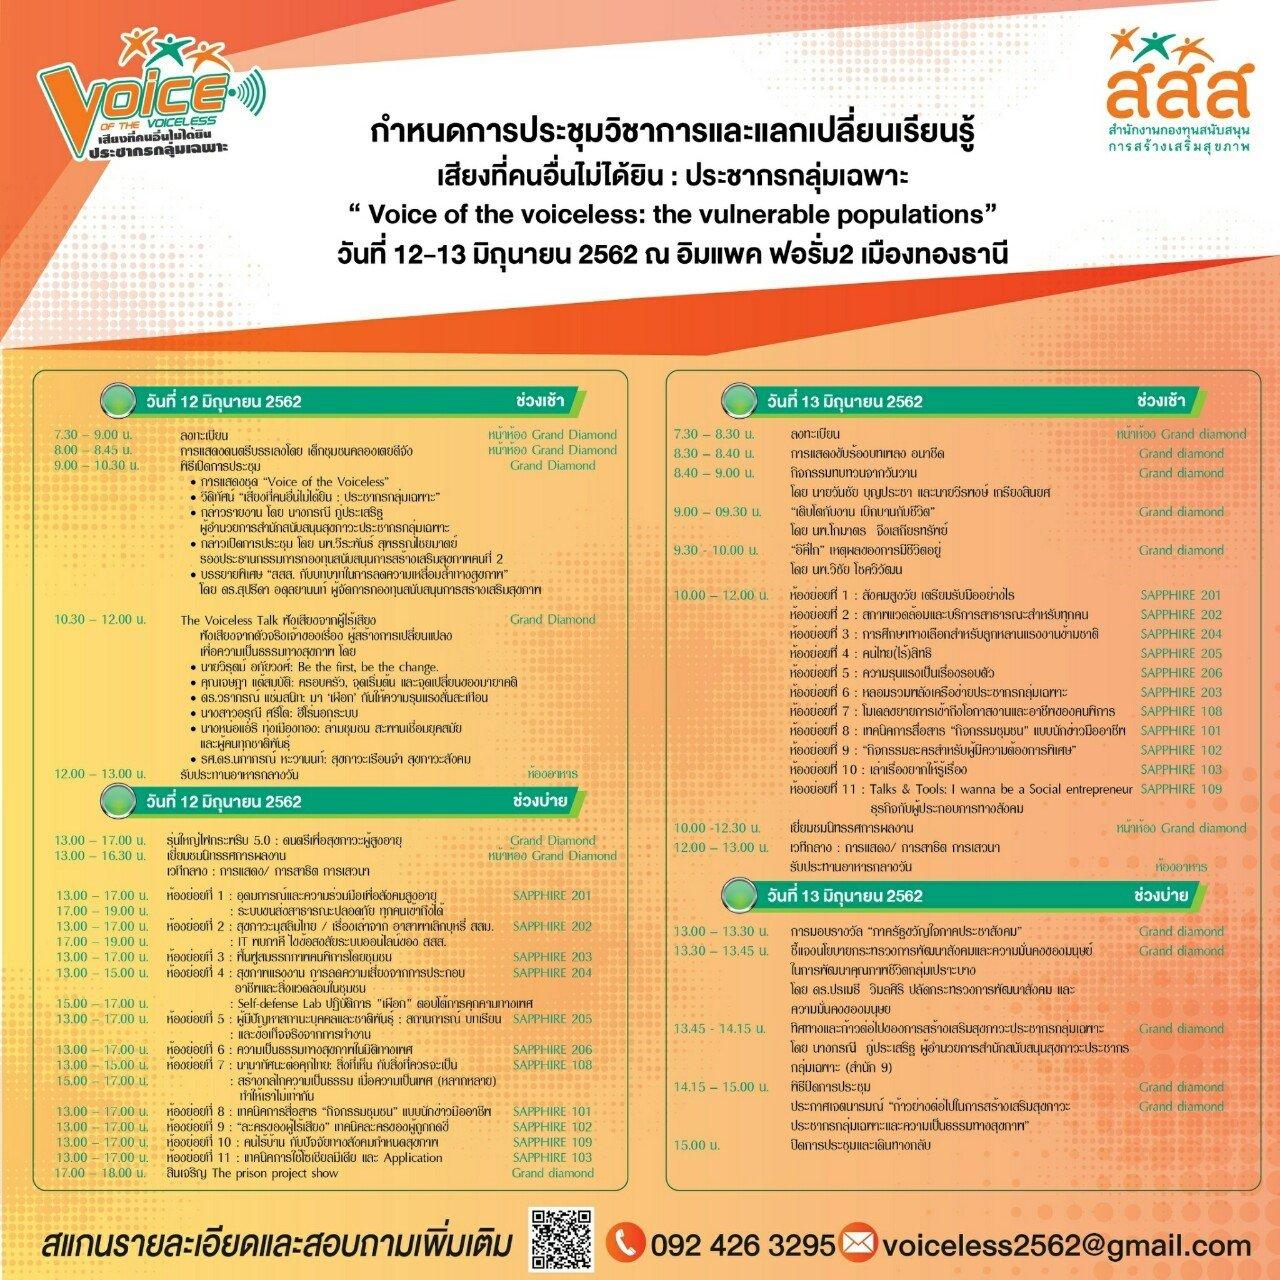 สสส.เปิดพื้นที่ รับฟังเสียงประชากรกลุ่มเฉพาะ thaihealth